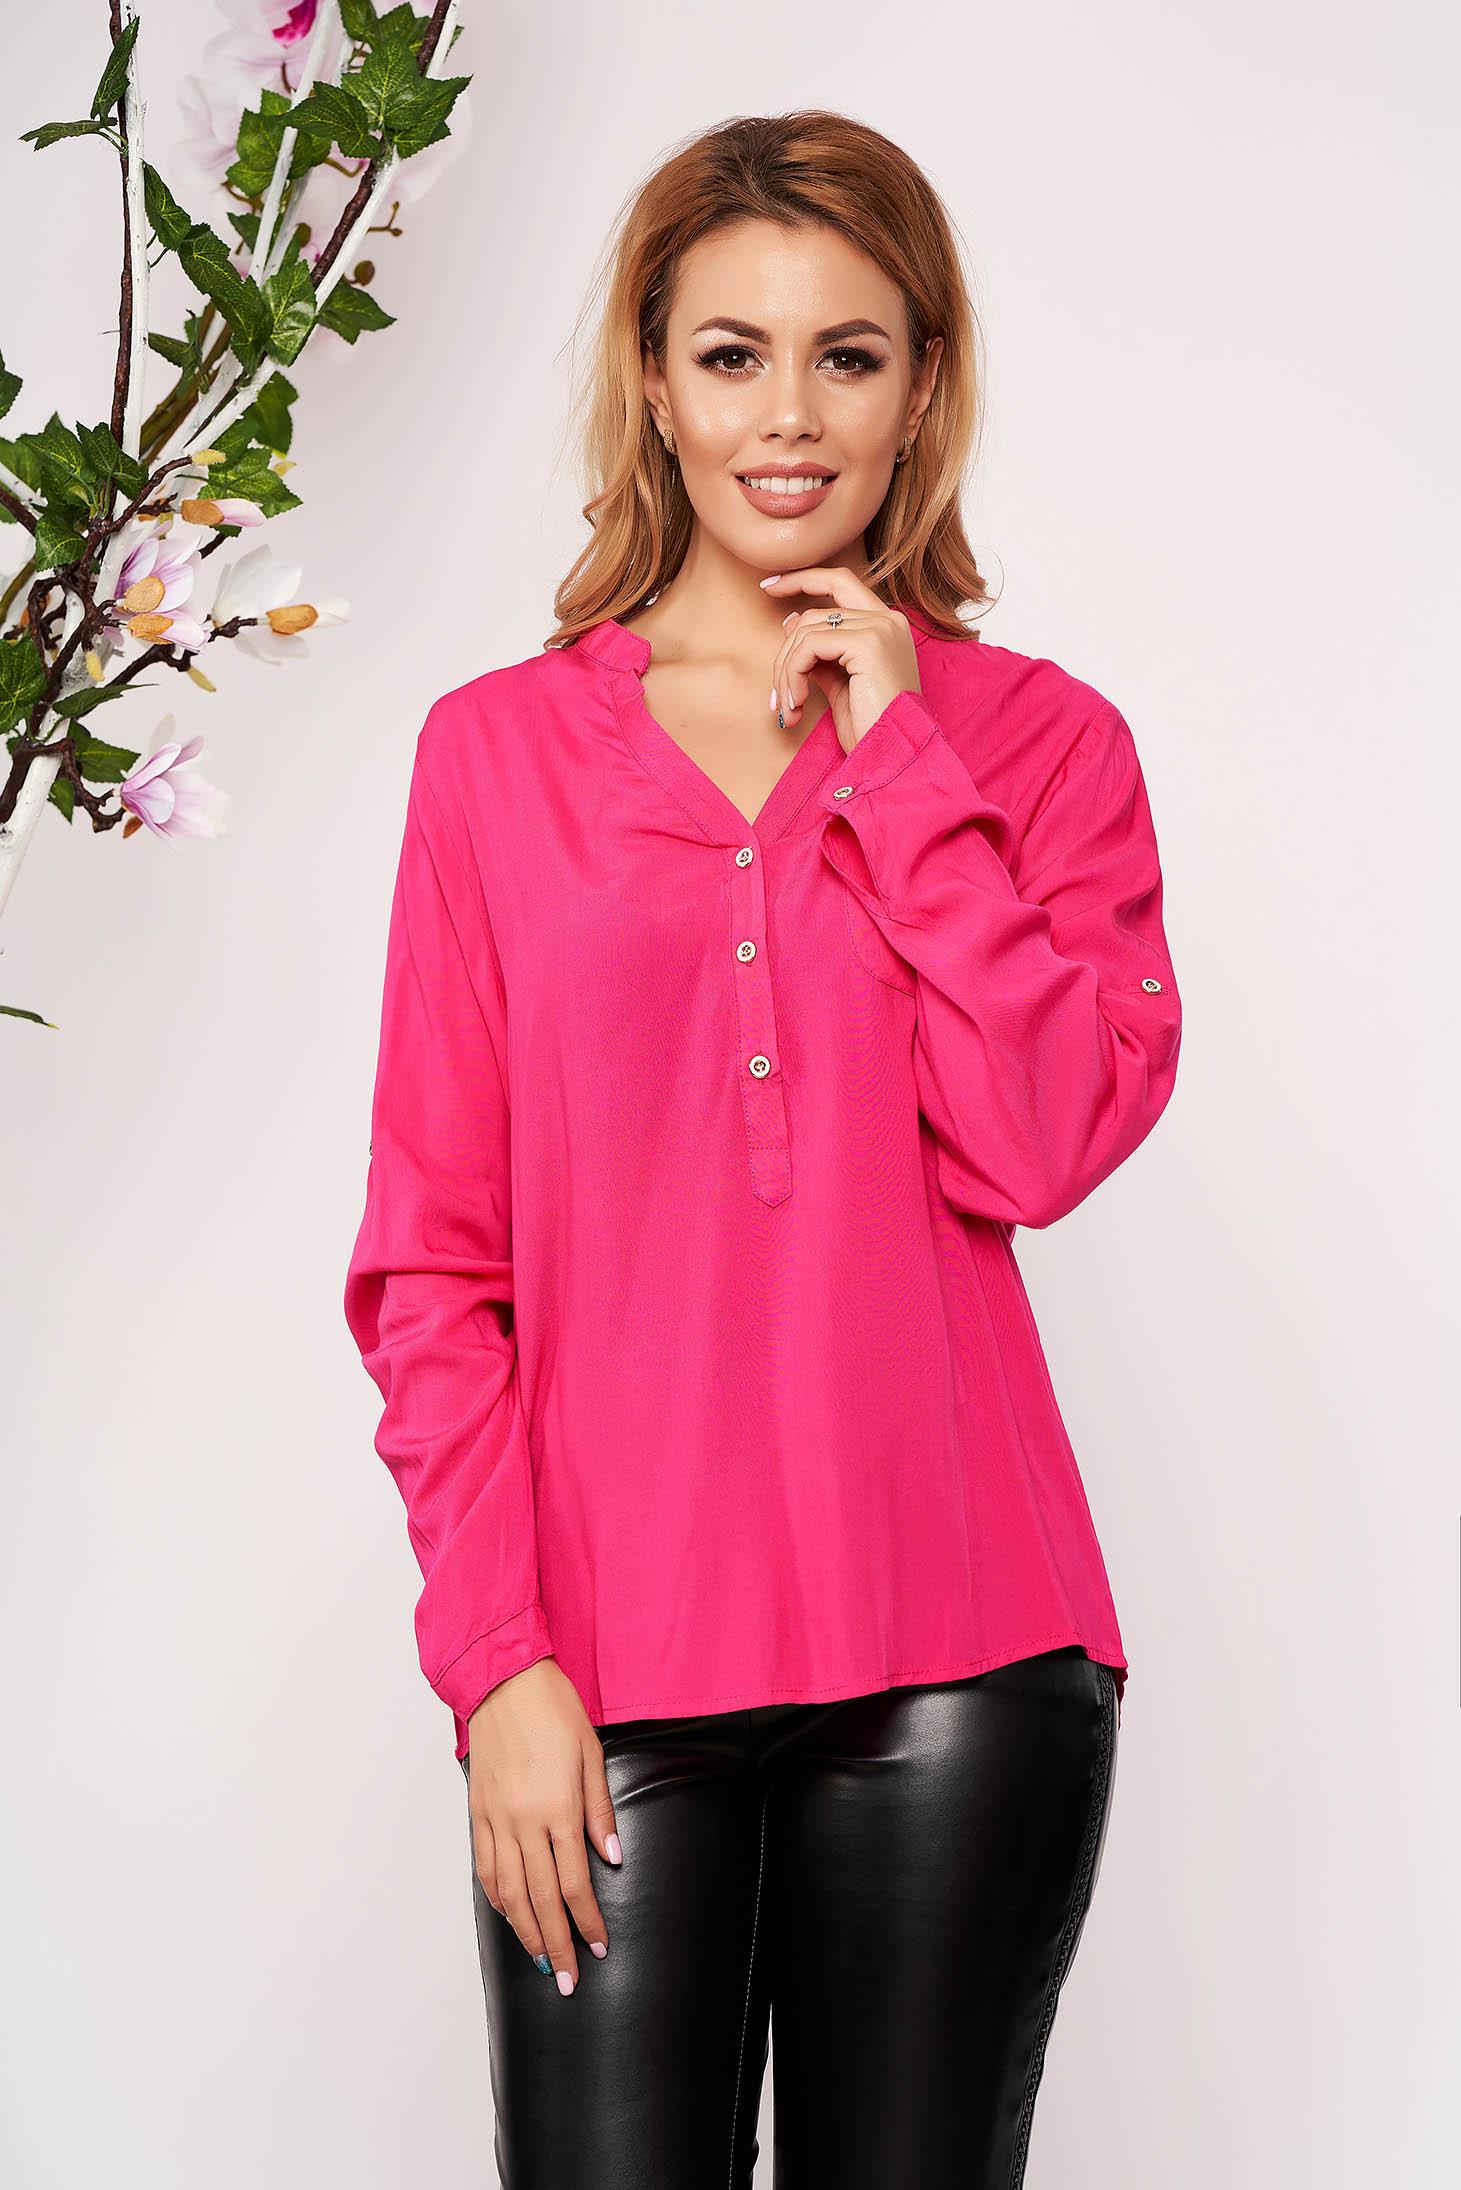 Camasa dama SunShine roz office scurta din material subtire cu decolteu in v cu maneci lungi si un buzunar in piept